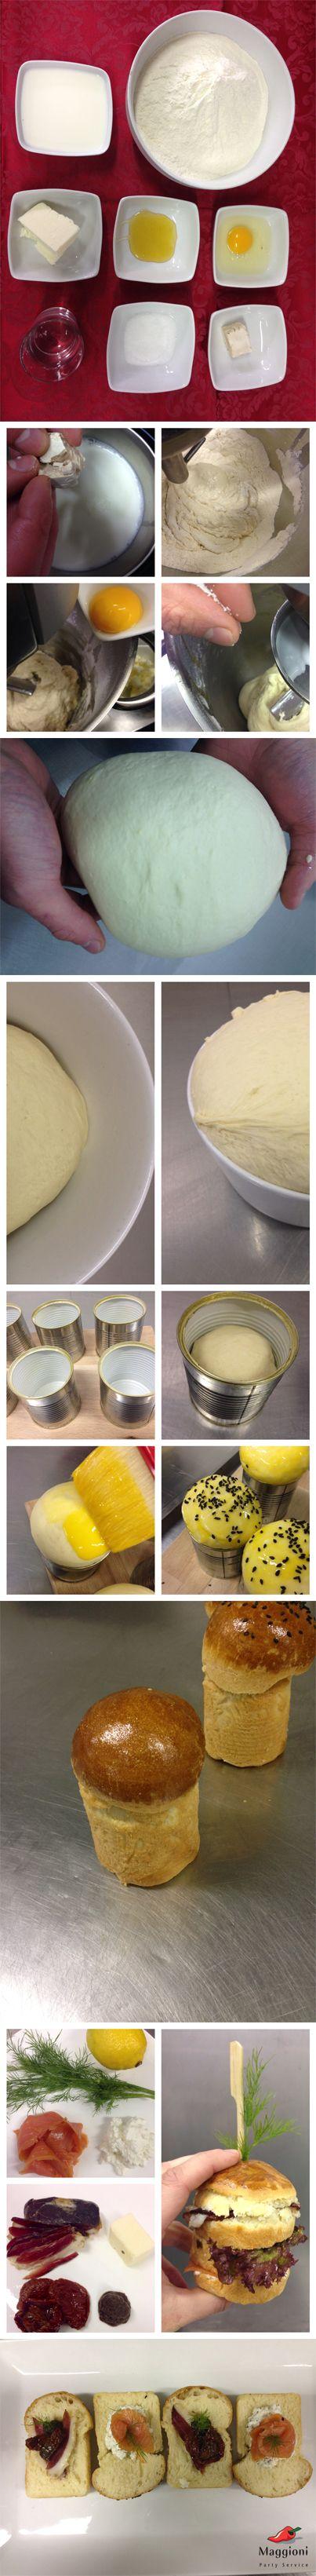 Presentate in monoporzione un classico delle feste: mini-panettoni gastronomici! Il trucco: usate per la cottura le latte delle verdure a vapore!